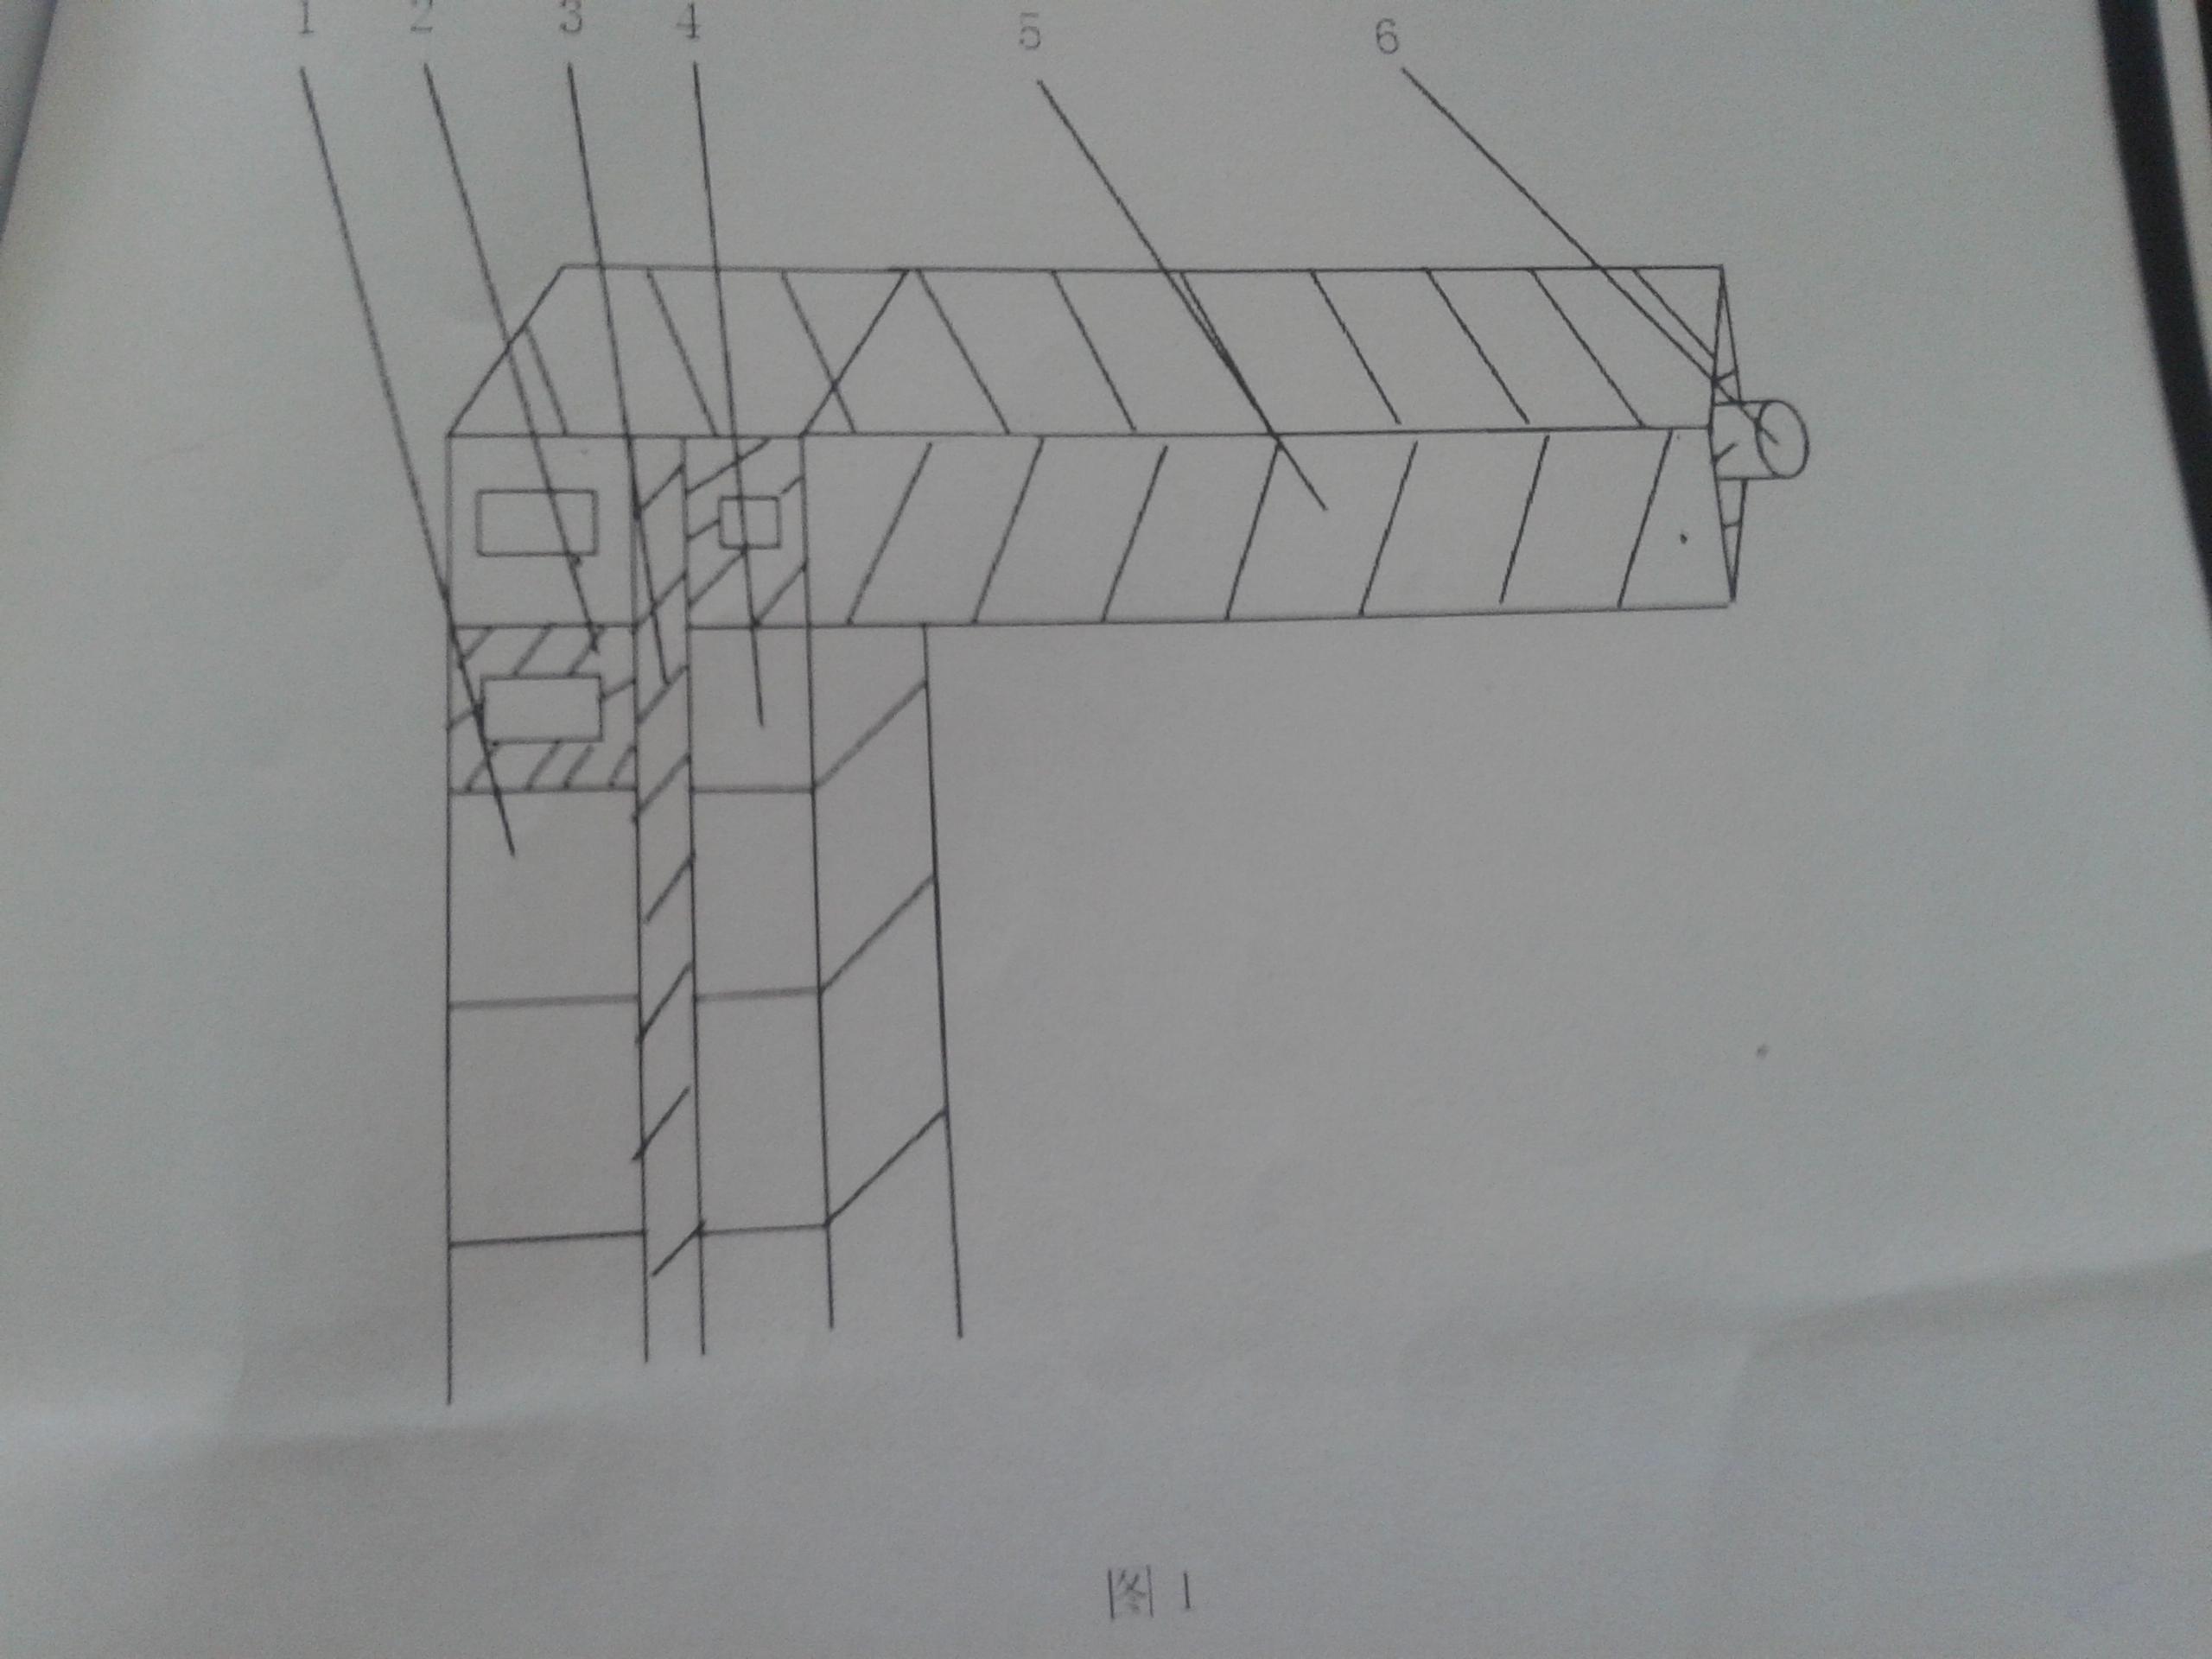 设计图 素描 2560_1920